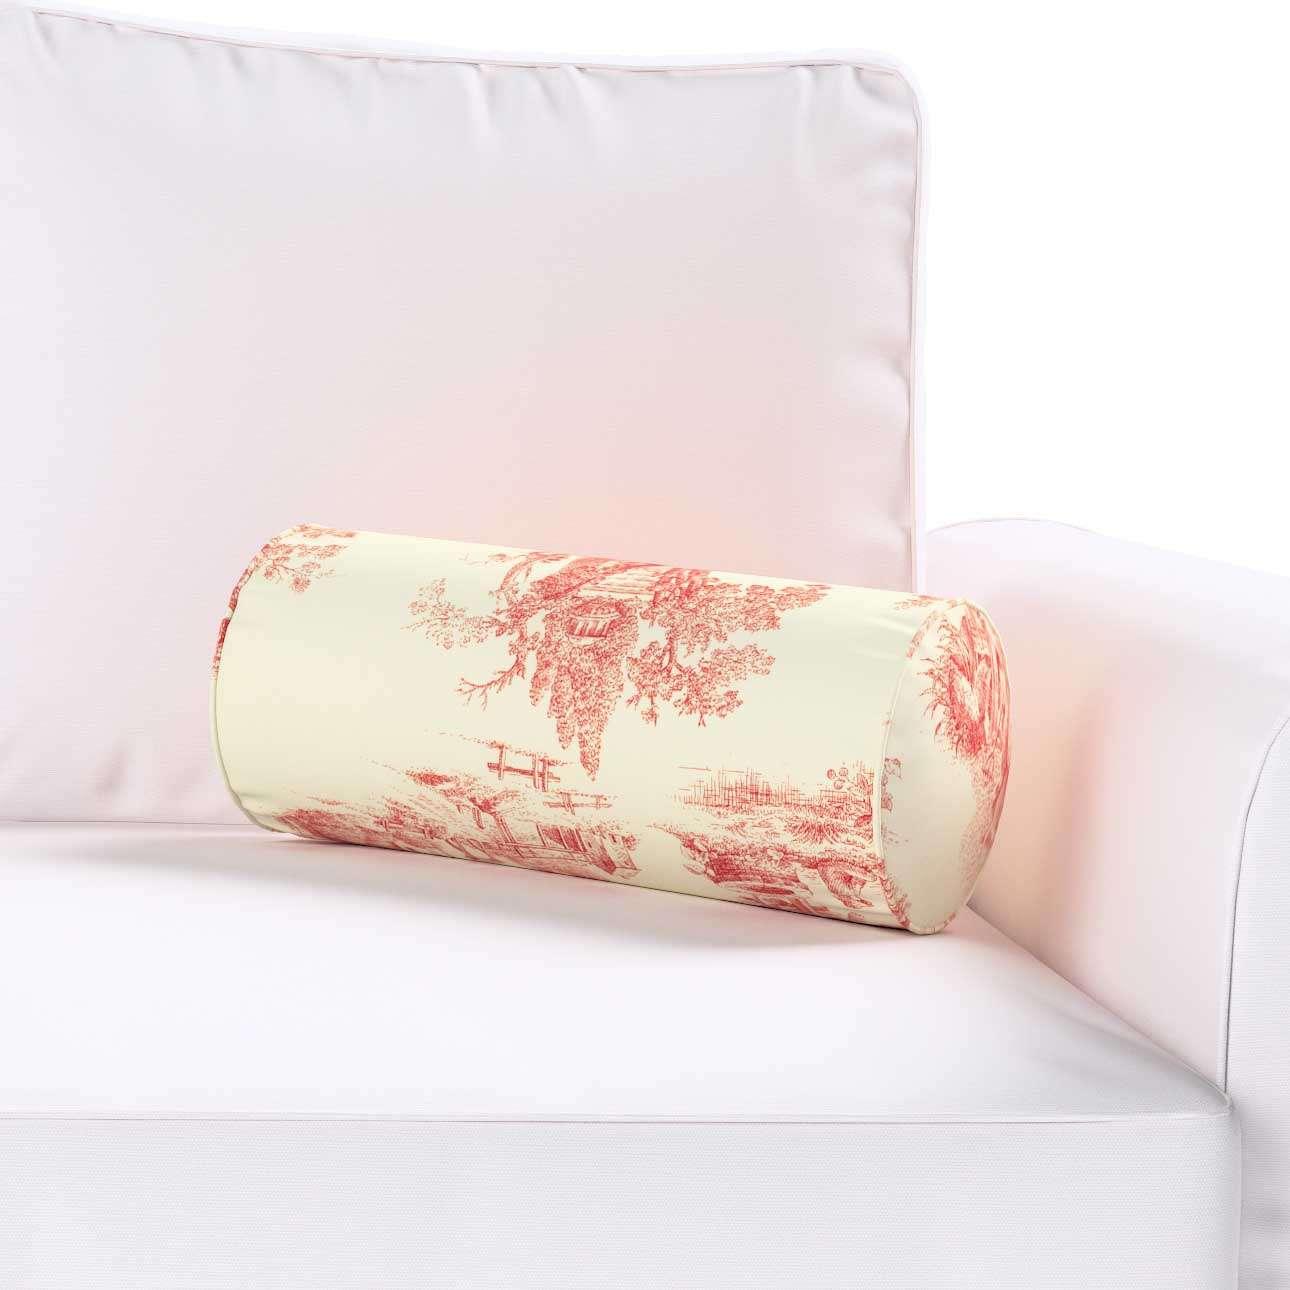 Poduszka wałek prosty Ø 16 x 40 cm w kolekcji Avinon, tkanina: 132-15